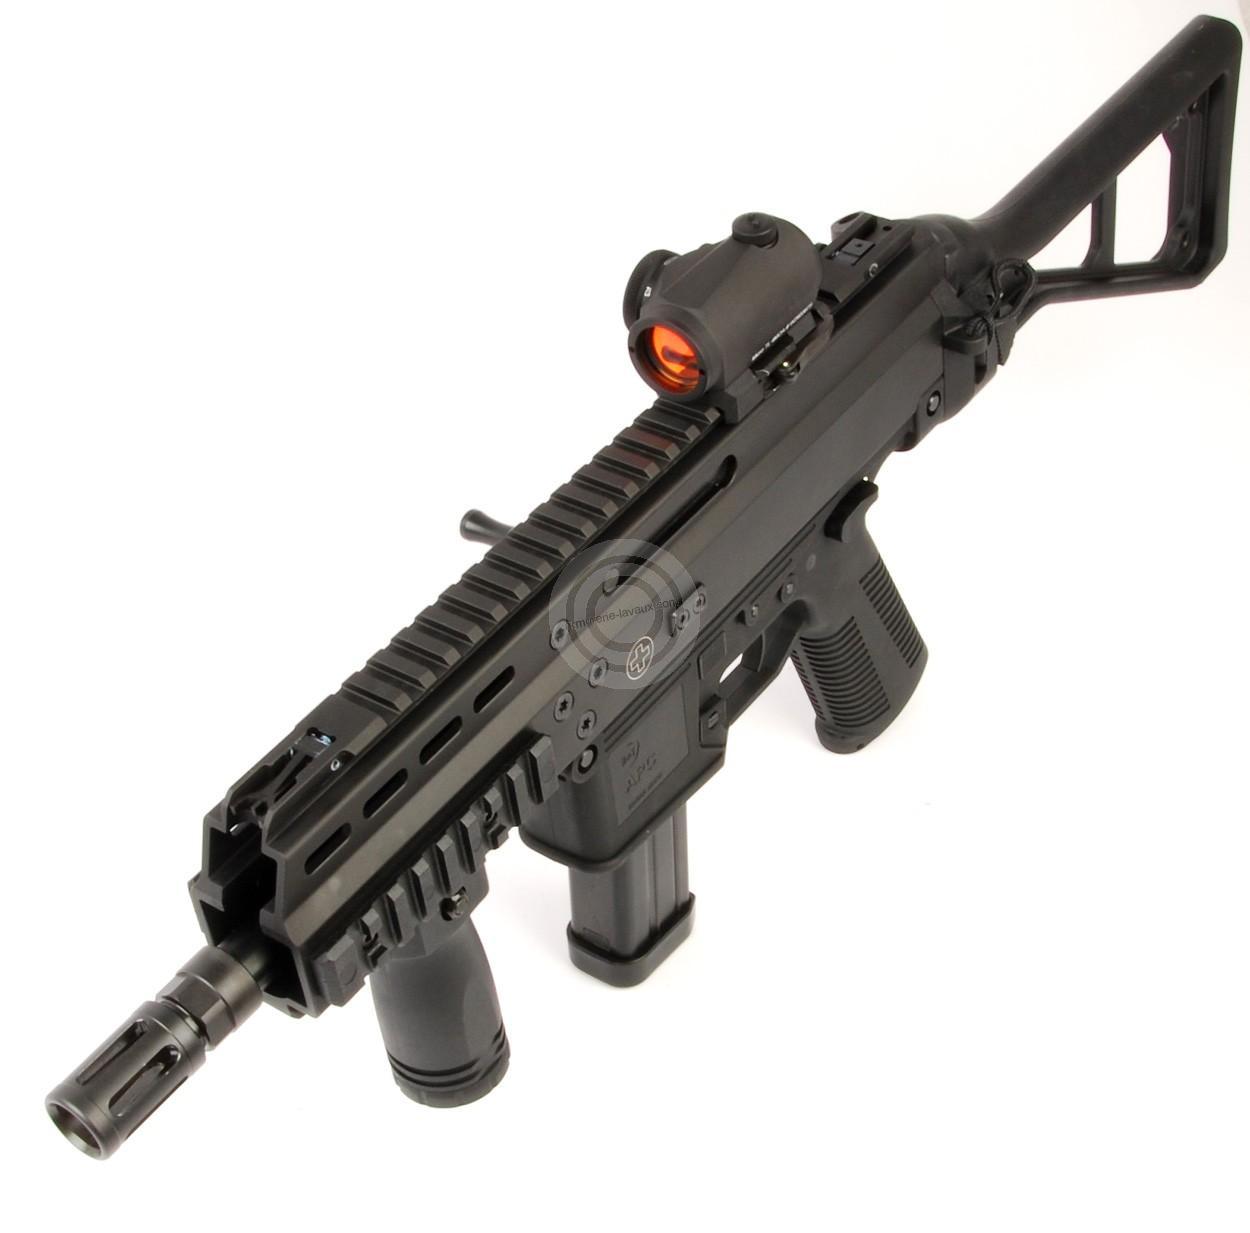 Fusil Berthier réglementaire modèle 07/15 des Etablissement Continsouza, calibre 8x51R.